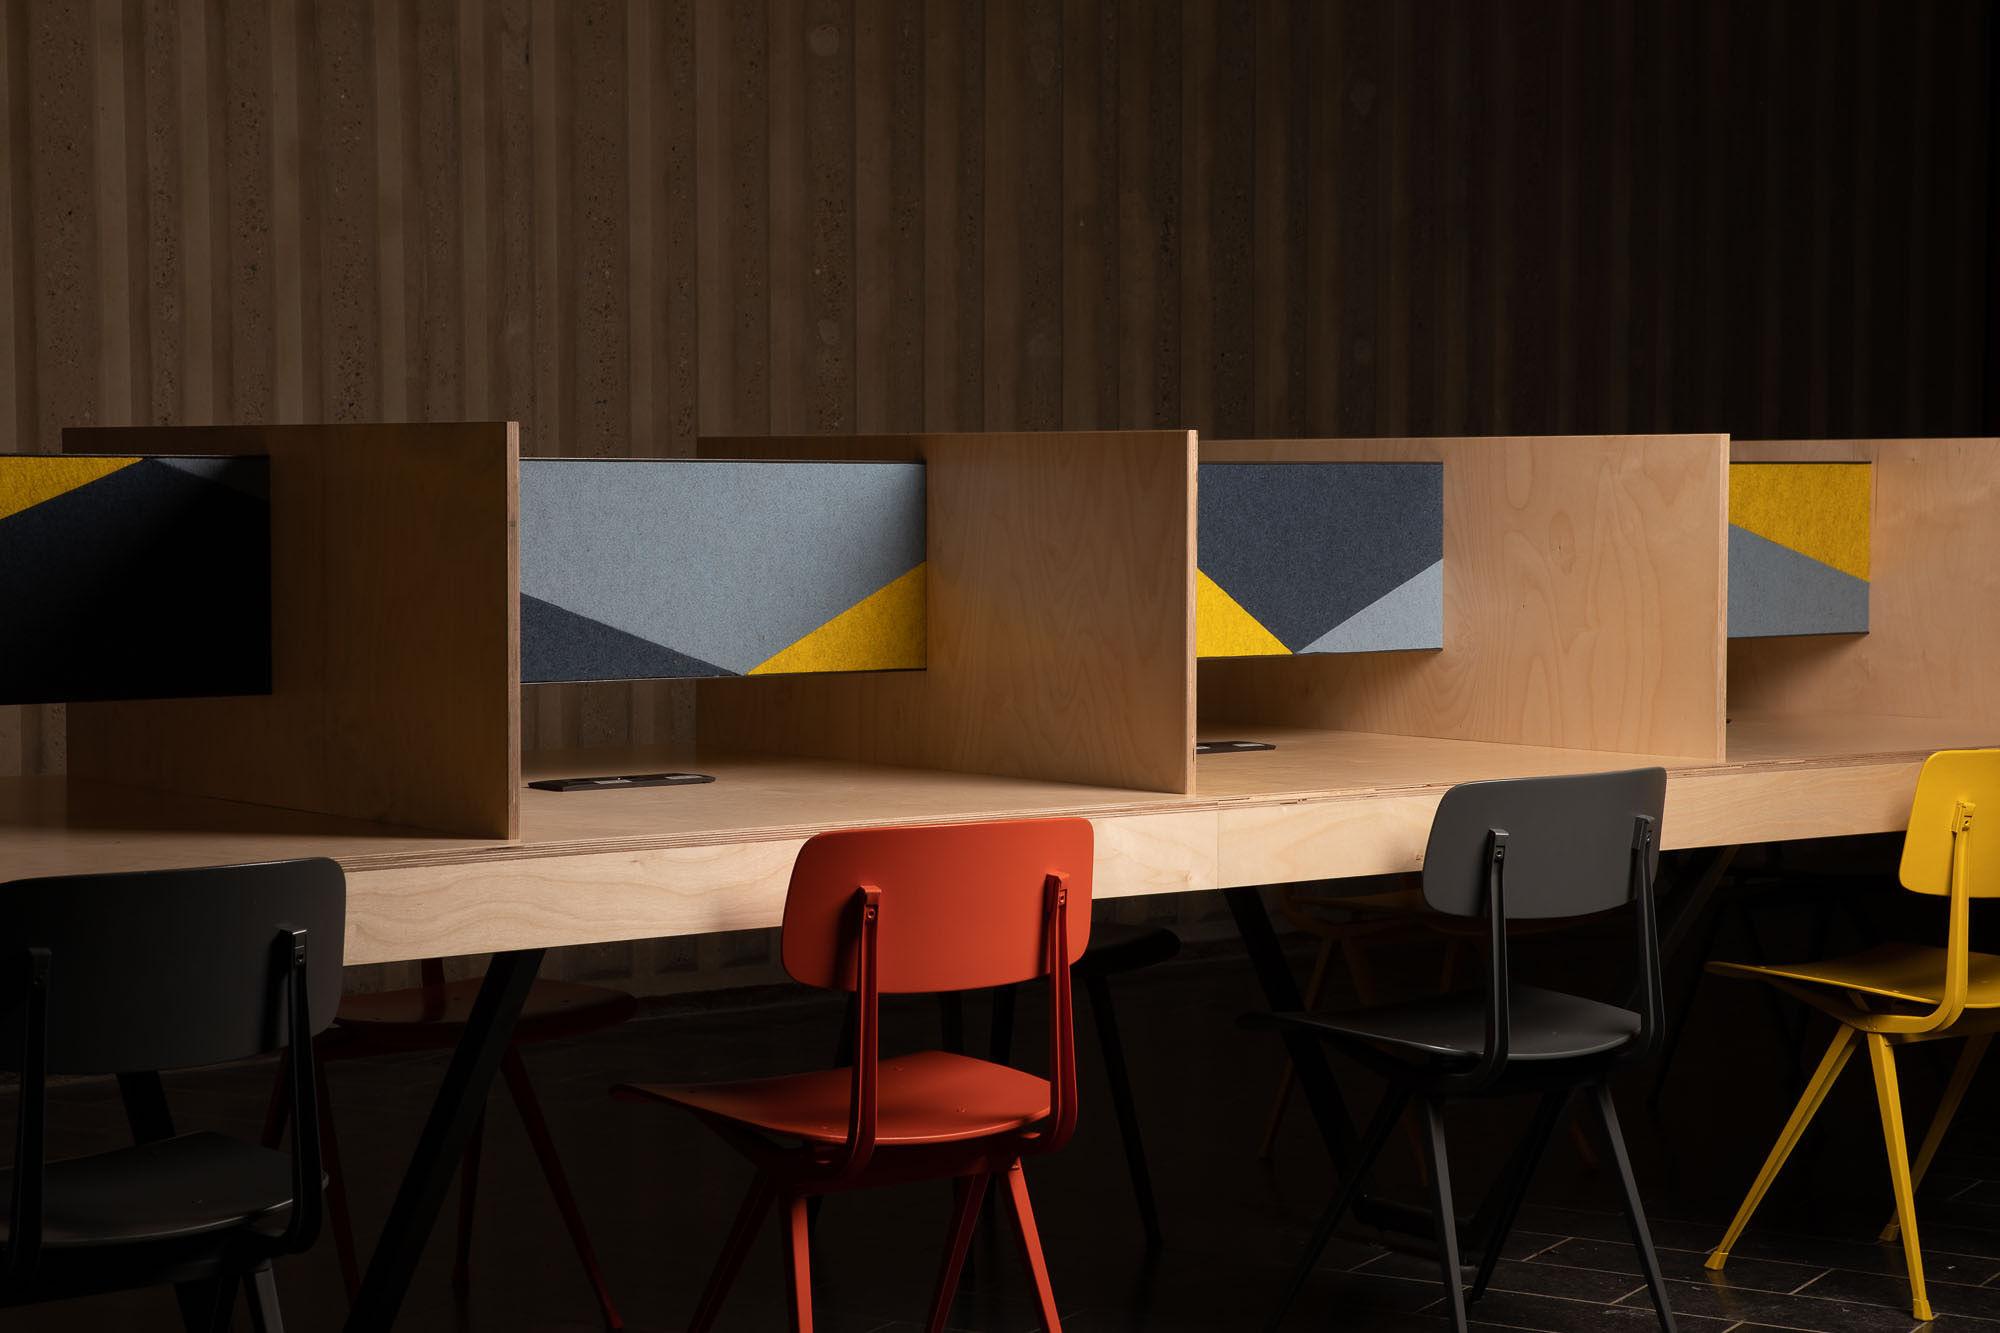 Werktafels voor de universiteit van Luik, Idrisse Hidara